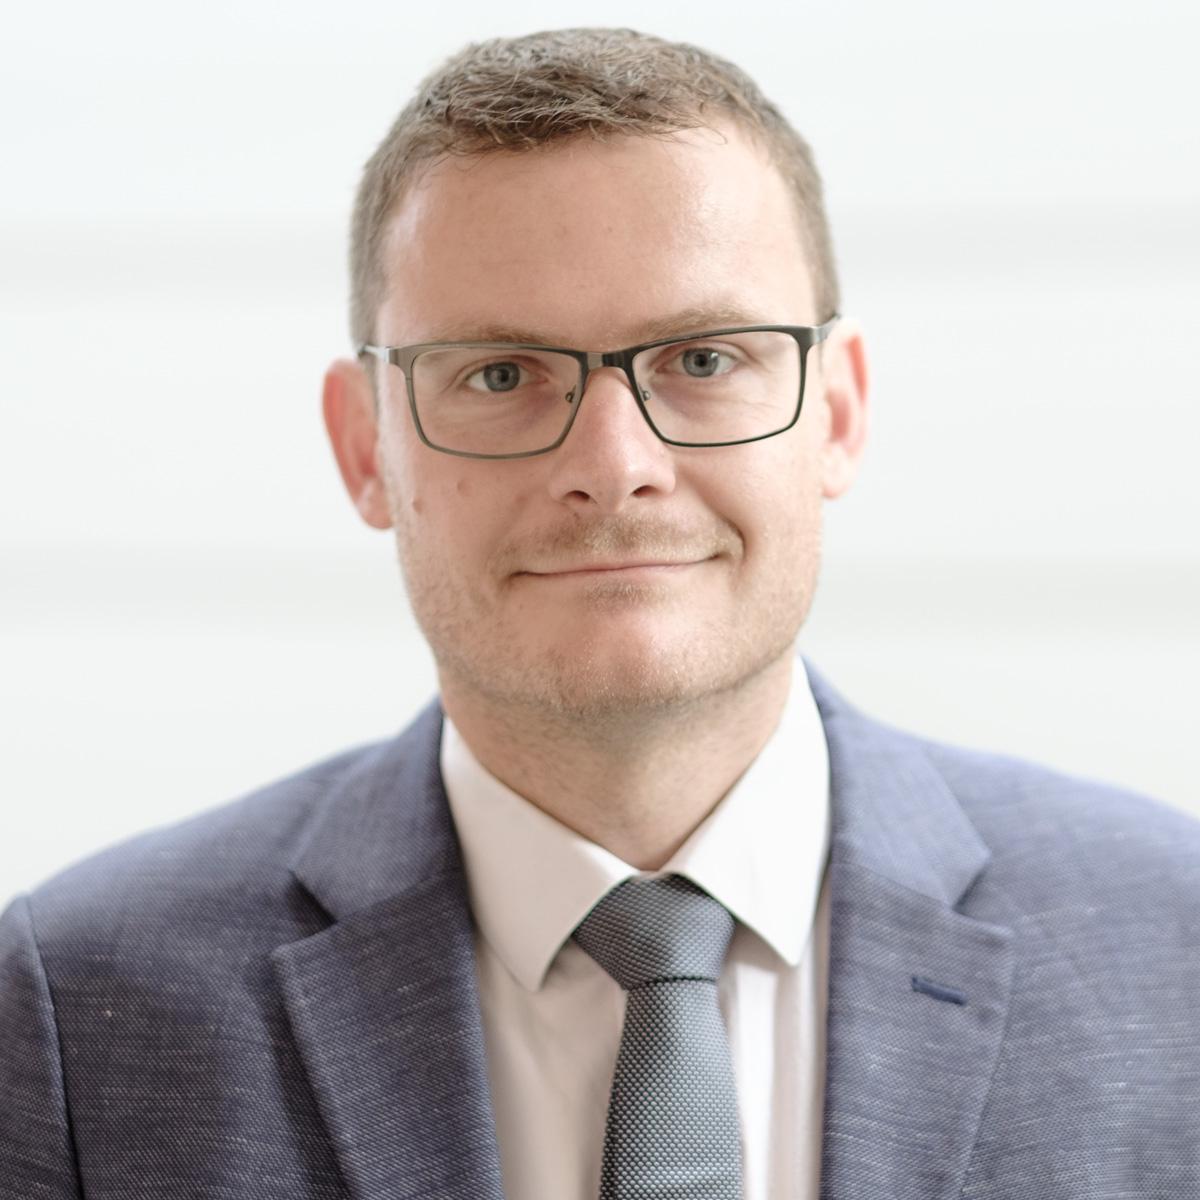 Rechtsanwalt Andreas Reinalter